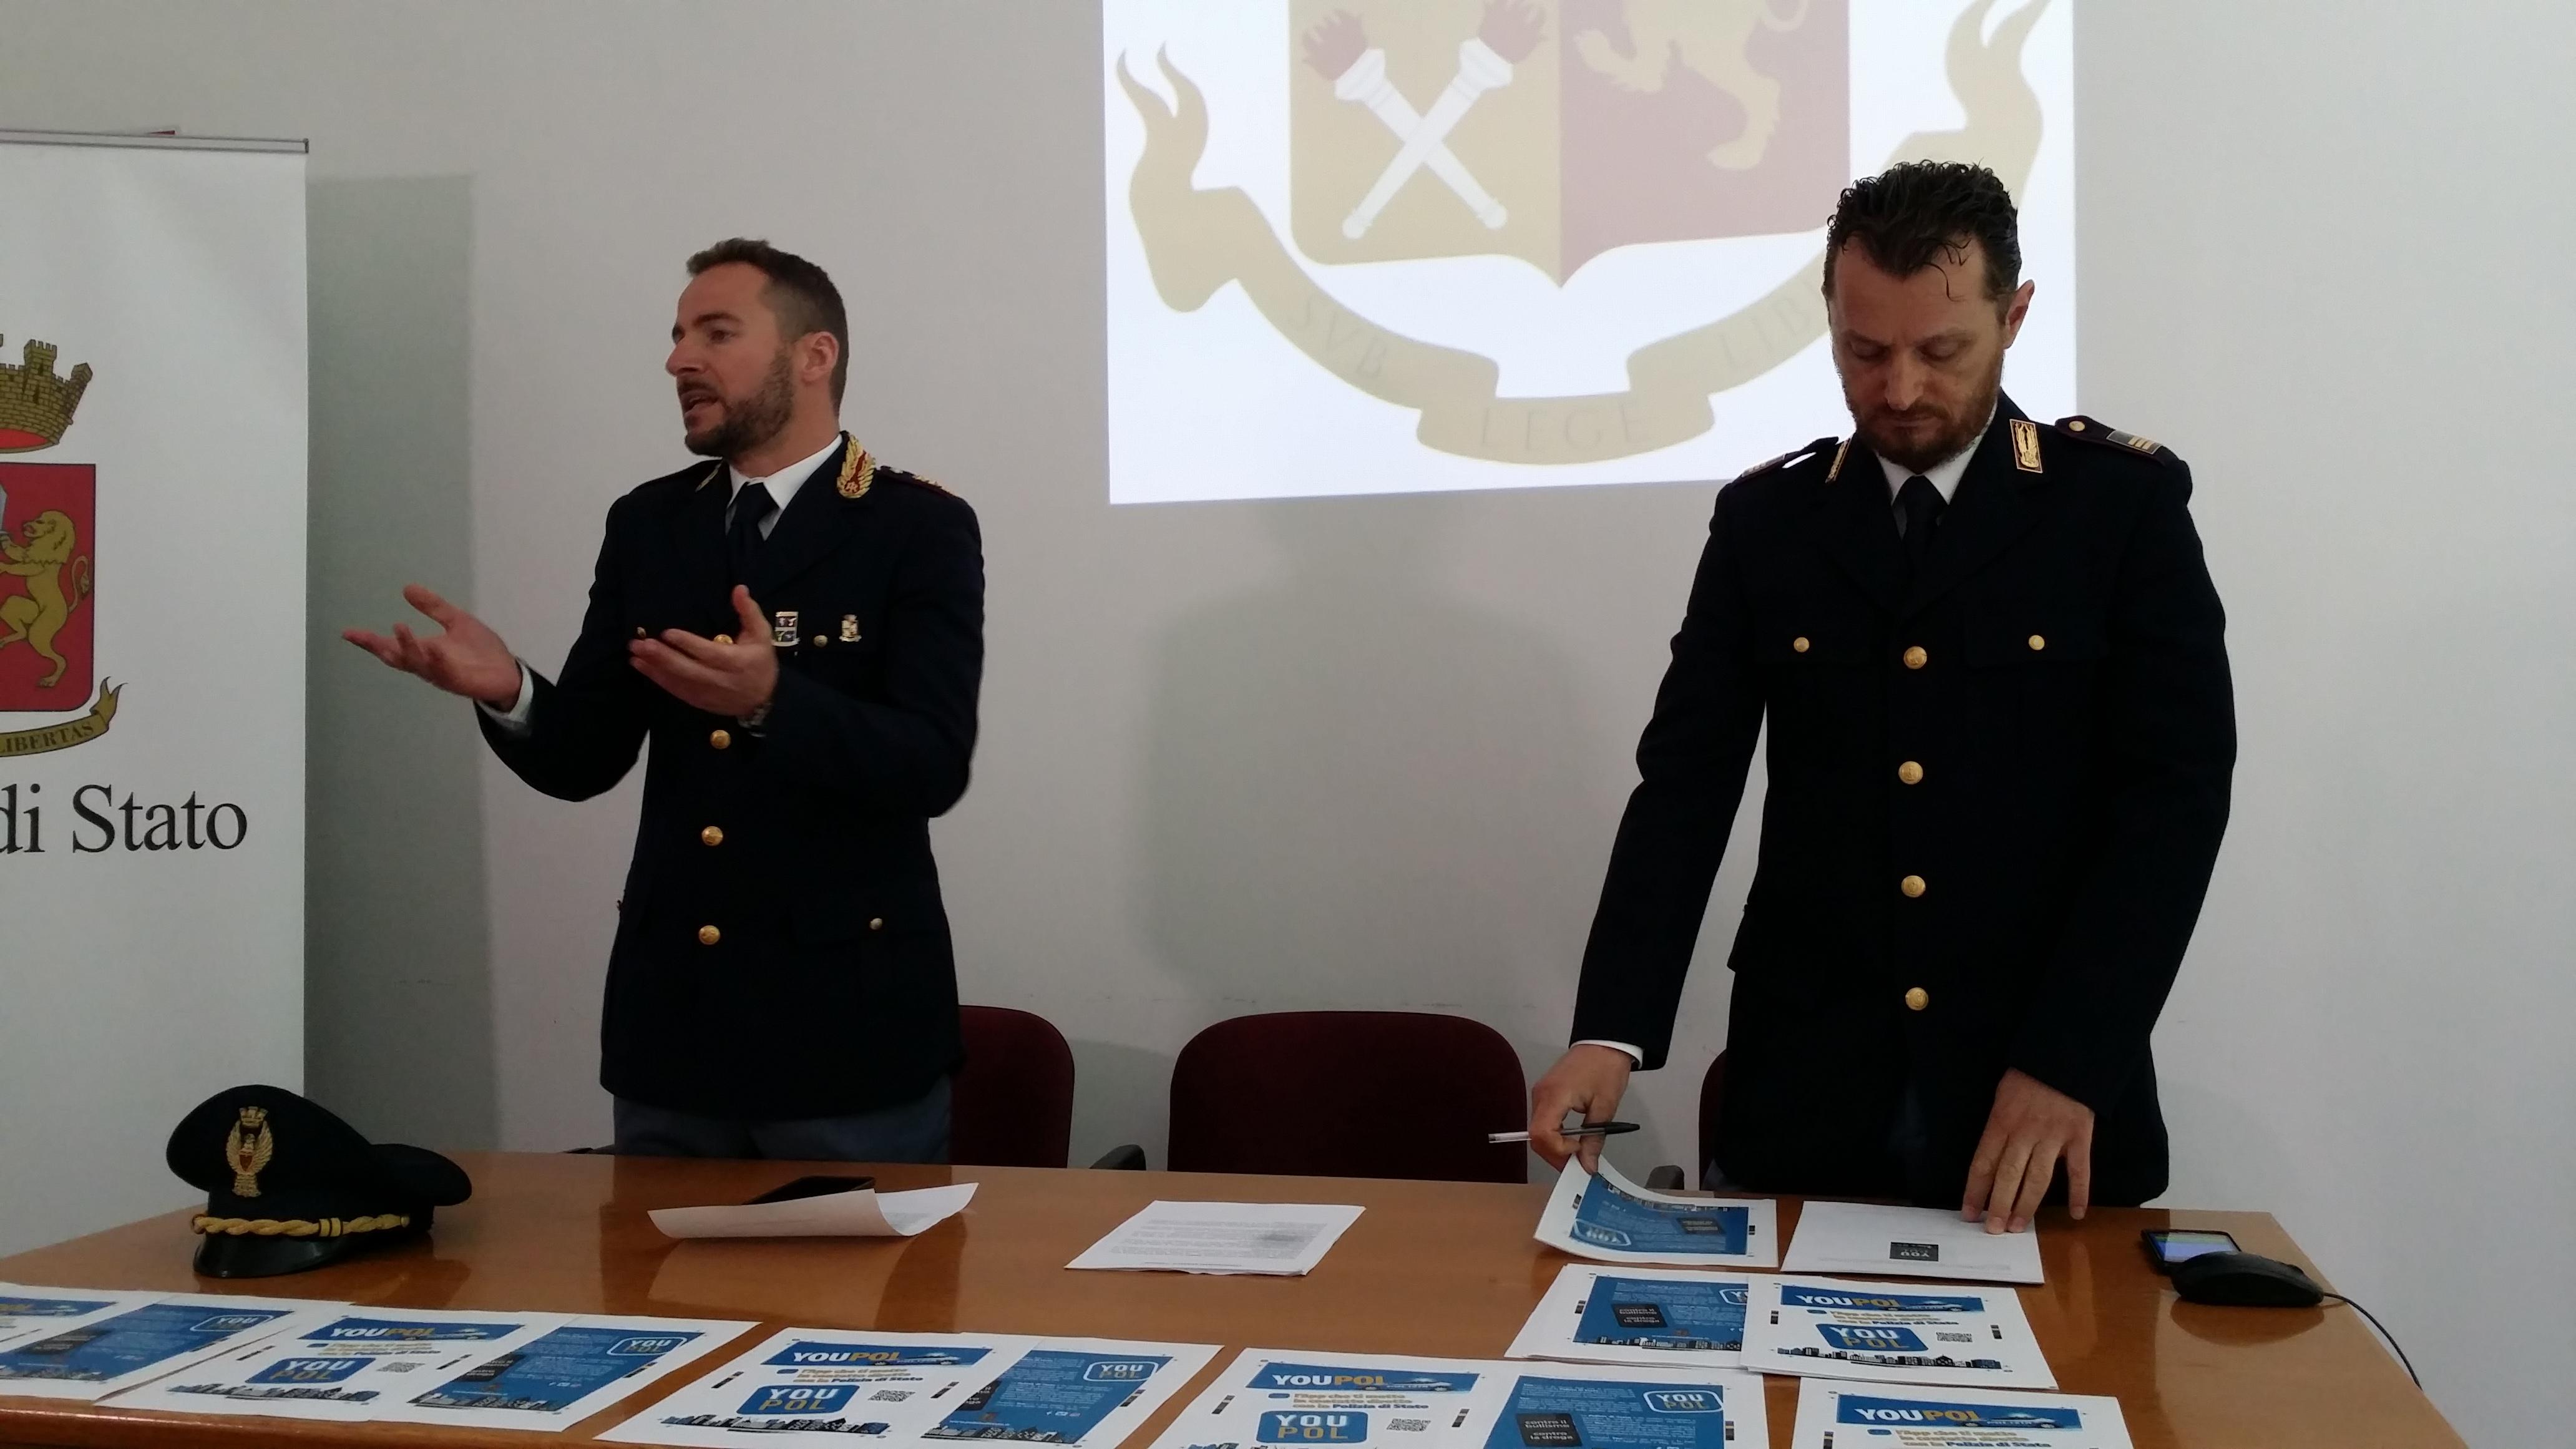 Anche ad Agrigento attiva la nuova app della Polizia